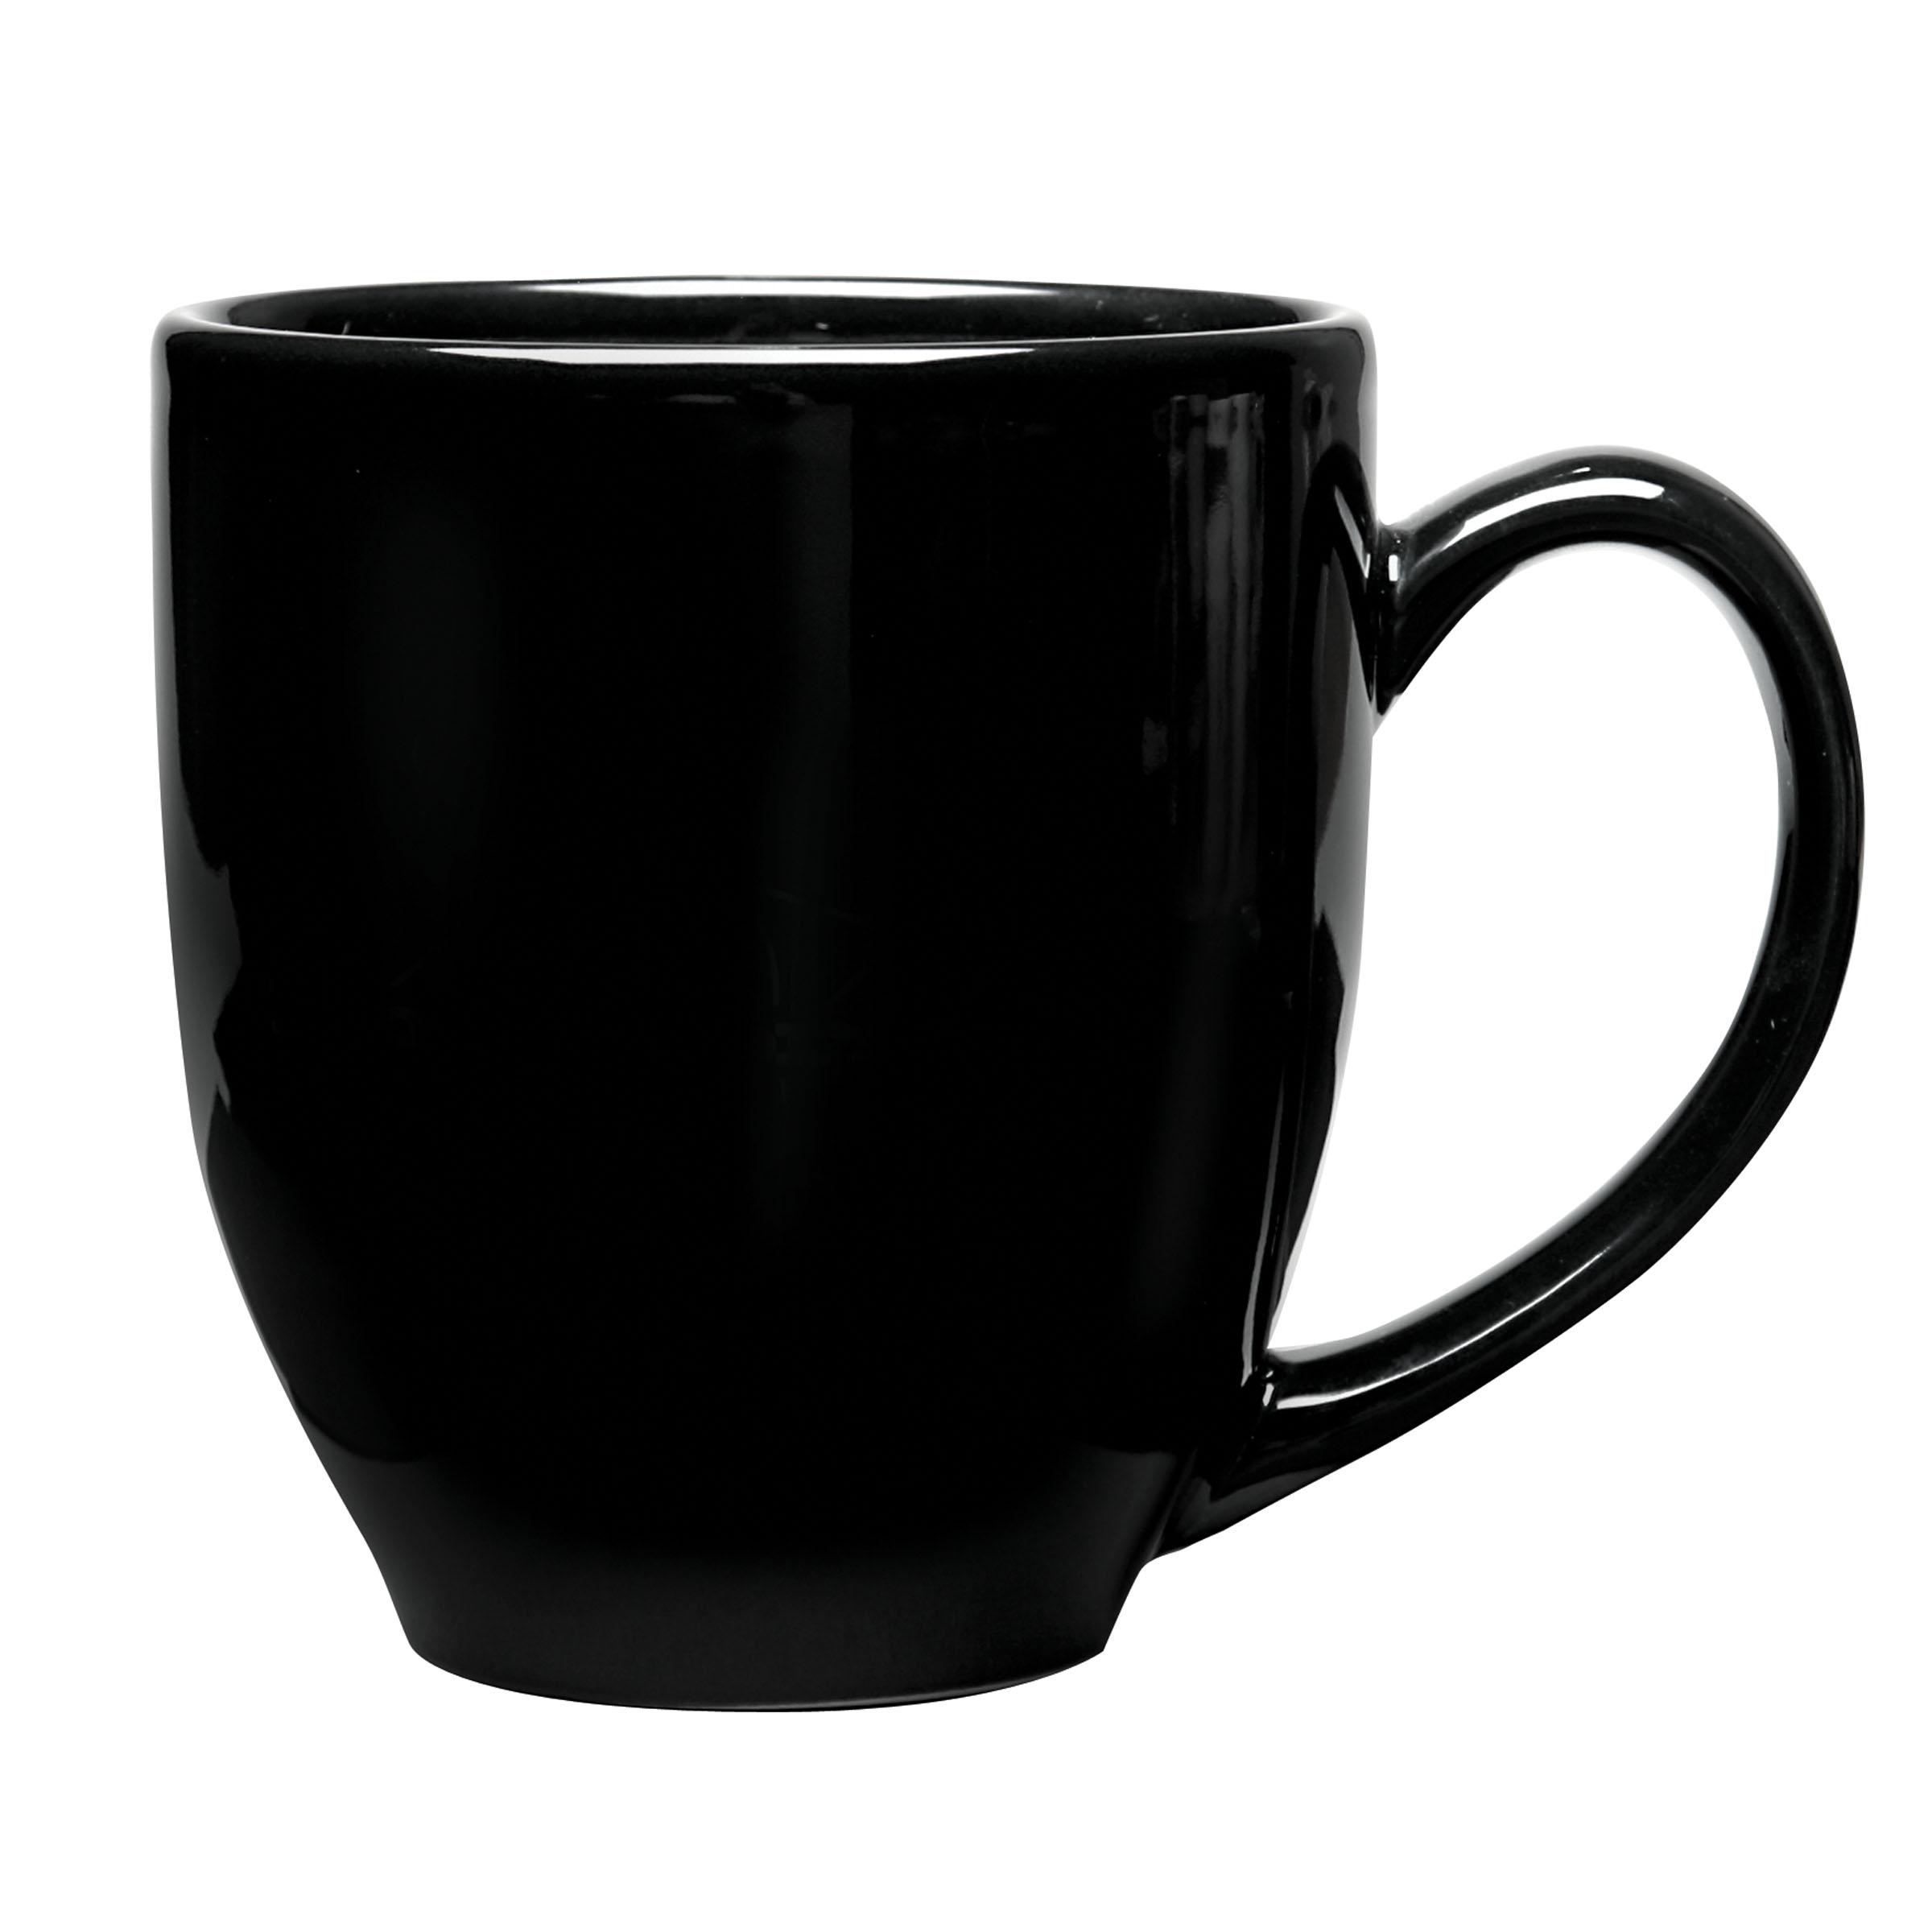 Smothery Image Numo Ceramic Bistro Mug Ounce Black Oversized Latte Mugs furniture Oversized Latte Mugs